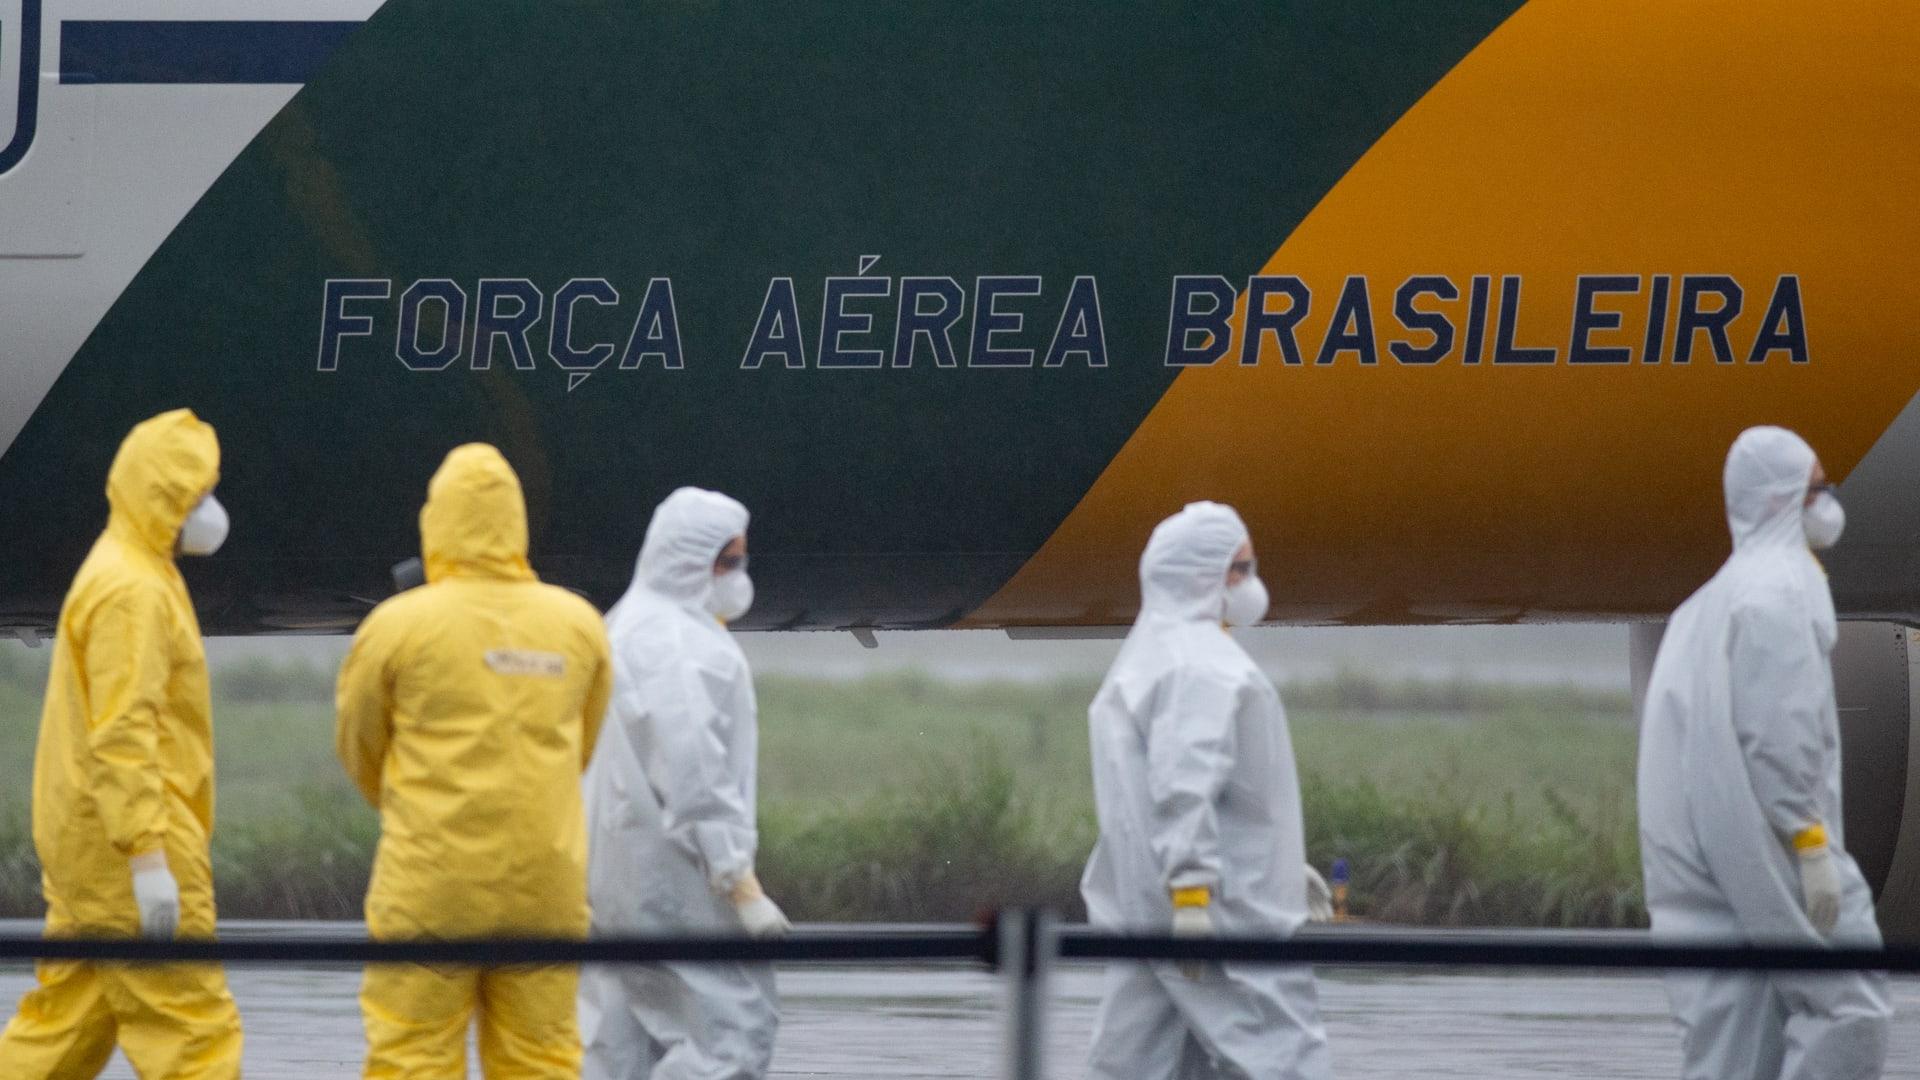 """إصابات فيروس كورونا في إيطاليا الأكبر خارج آسيا.. والسلطات تبحث عن """"المريض صفر"""""""